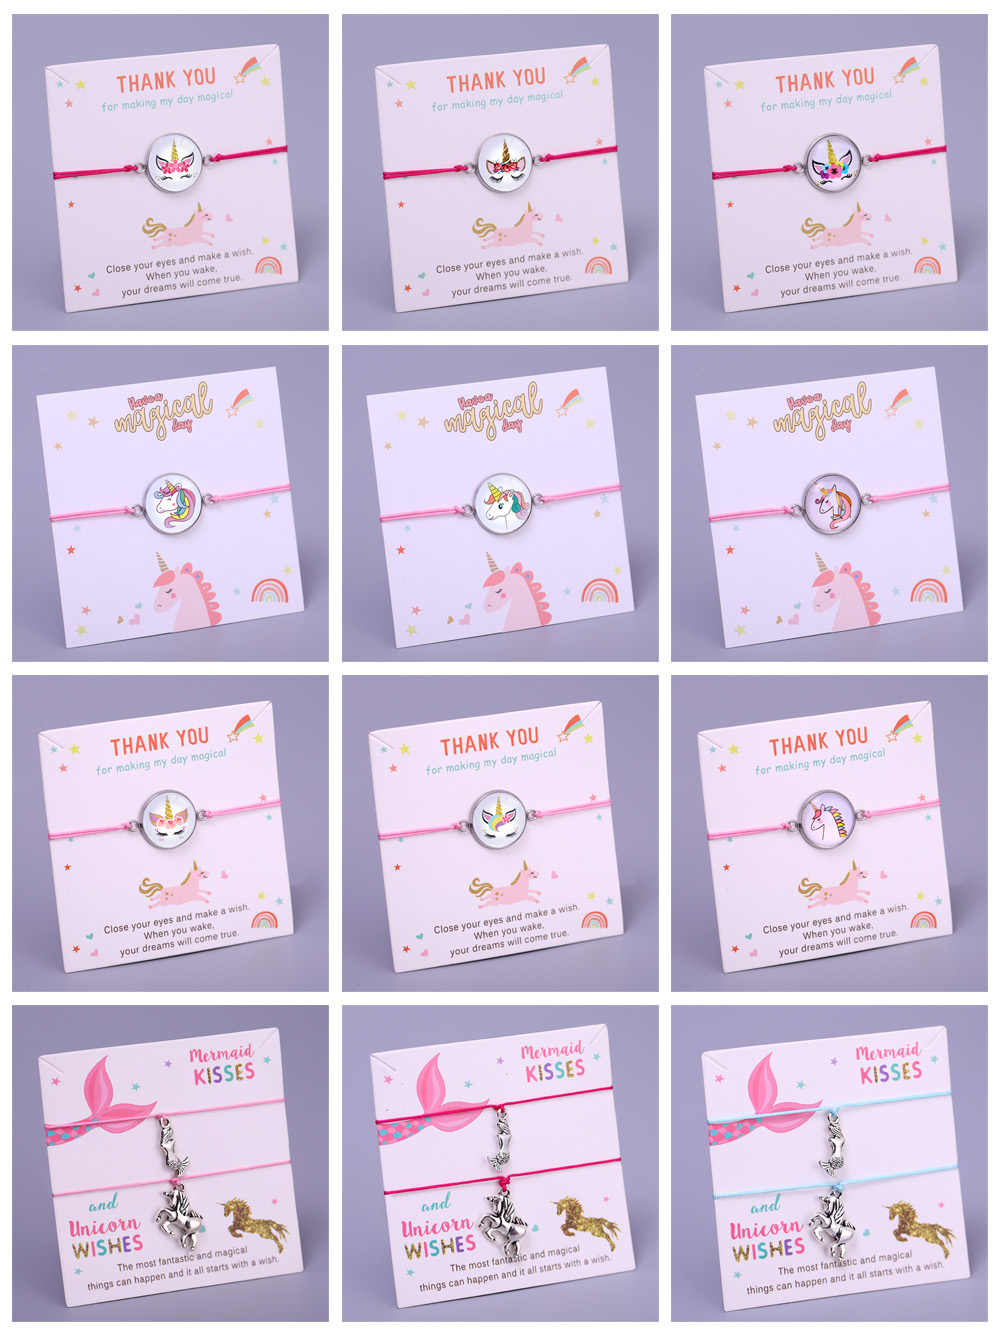 ユニコーン願いマーメイドキスアジャスタブルチャームブレスレット女性少女少年ファッションジュエリーパーティー誕生日クリスマスギフト